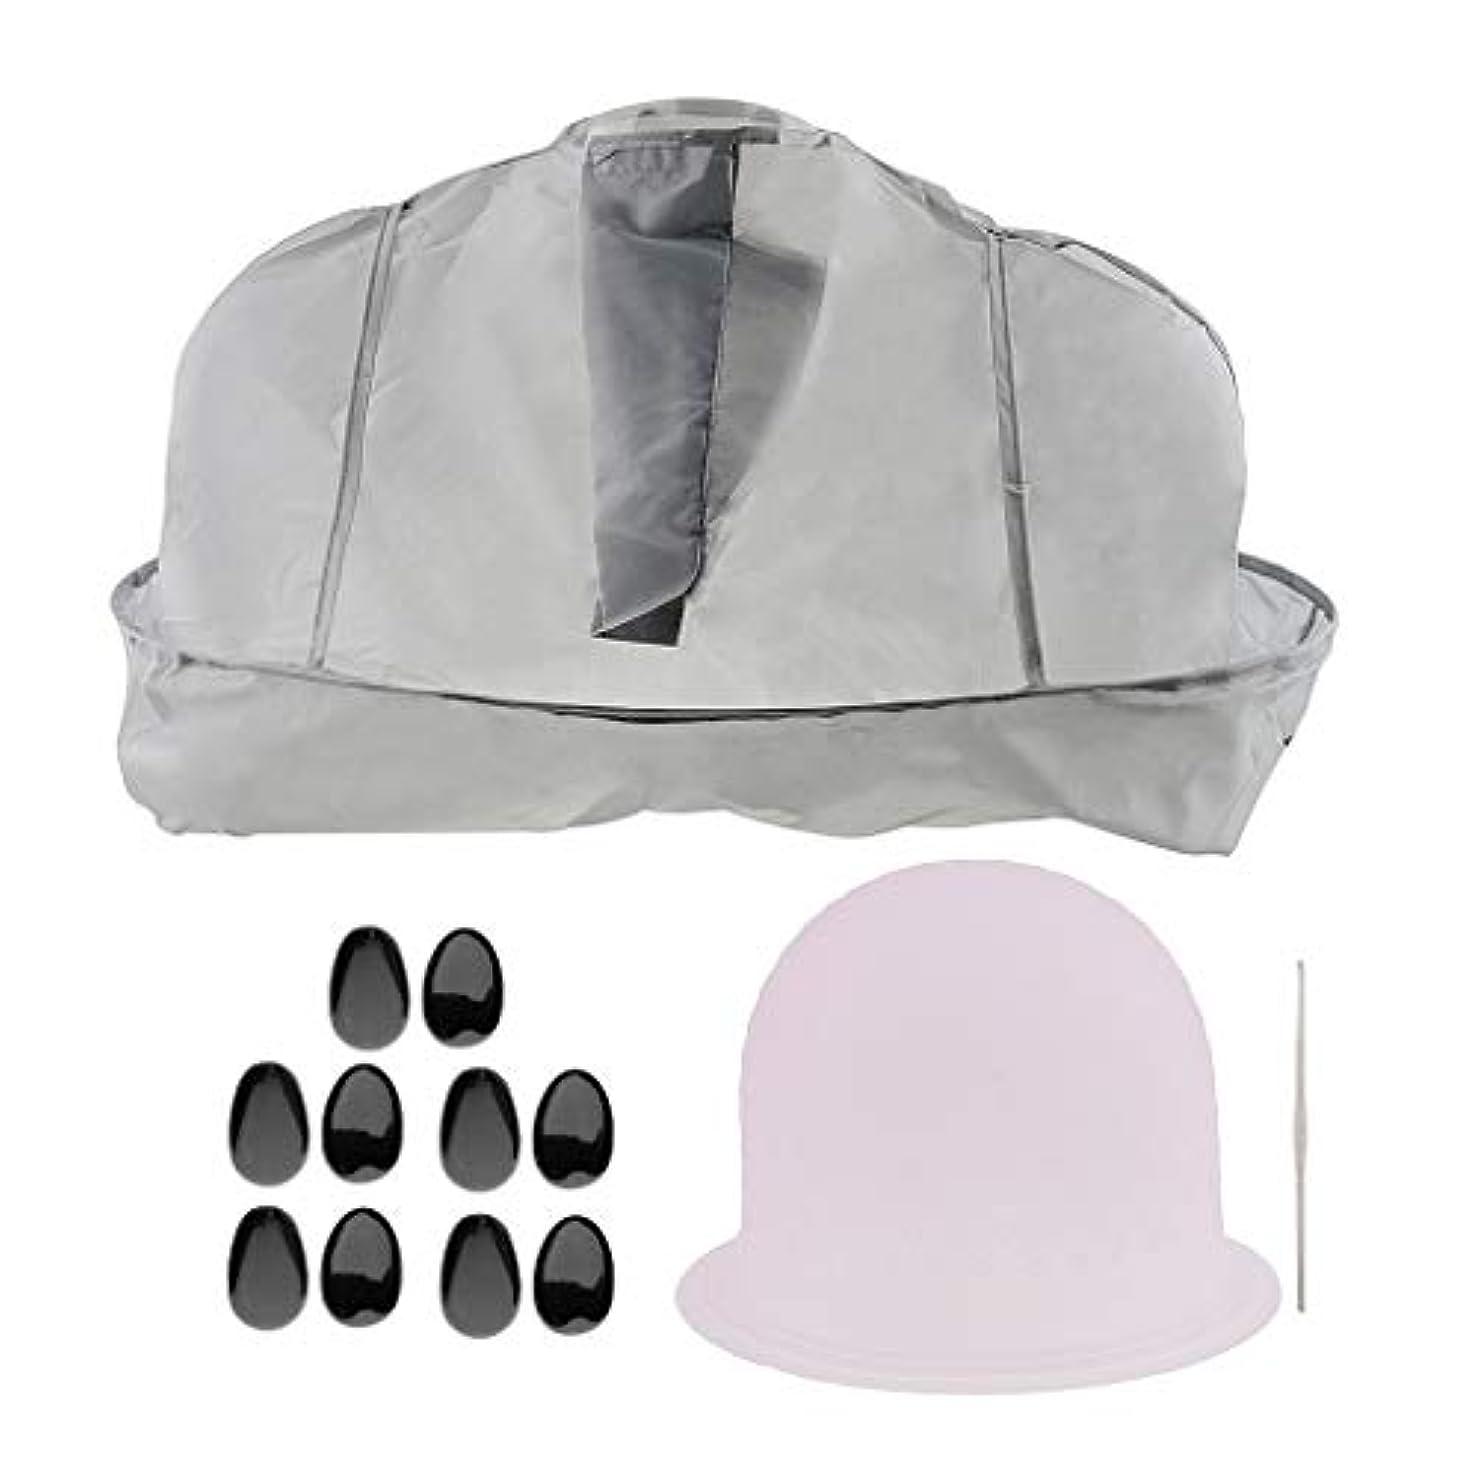 スパン合理化基礎理論F Fityle ヘアティントキャップ メタルフック 美容ケープ 髪染め耳カバー サロン